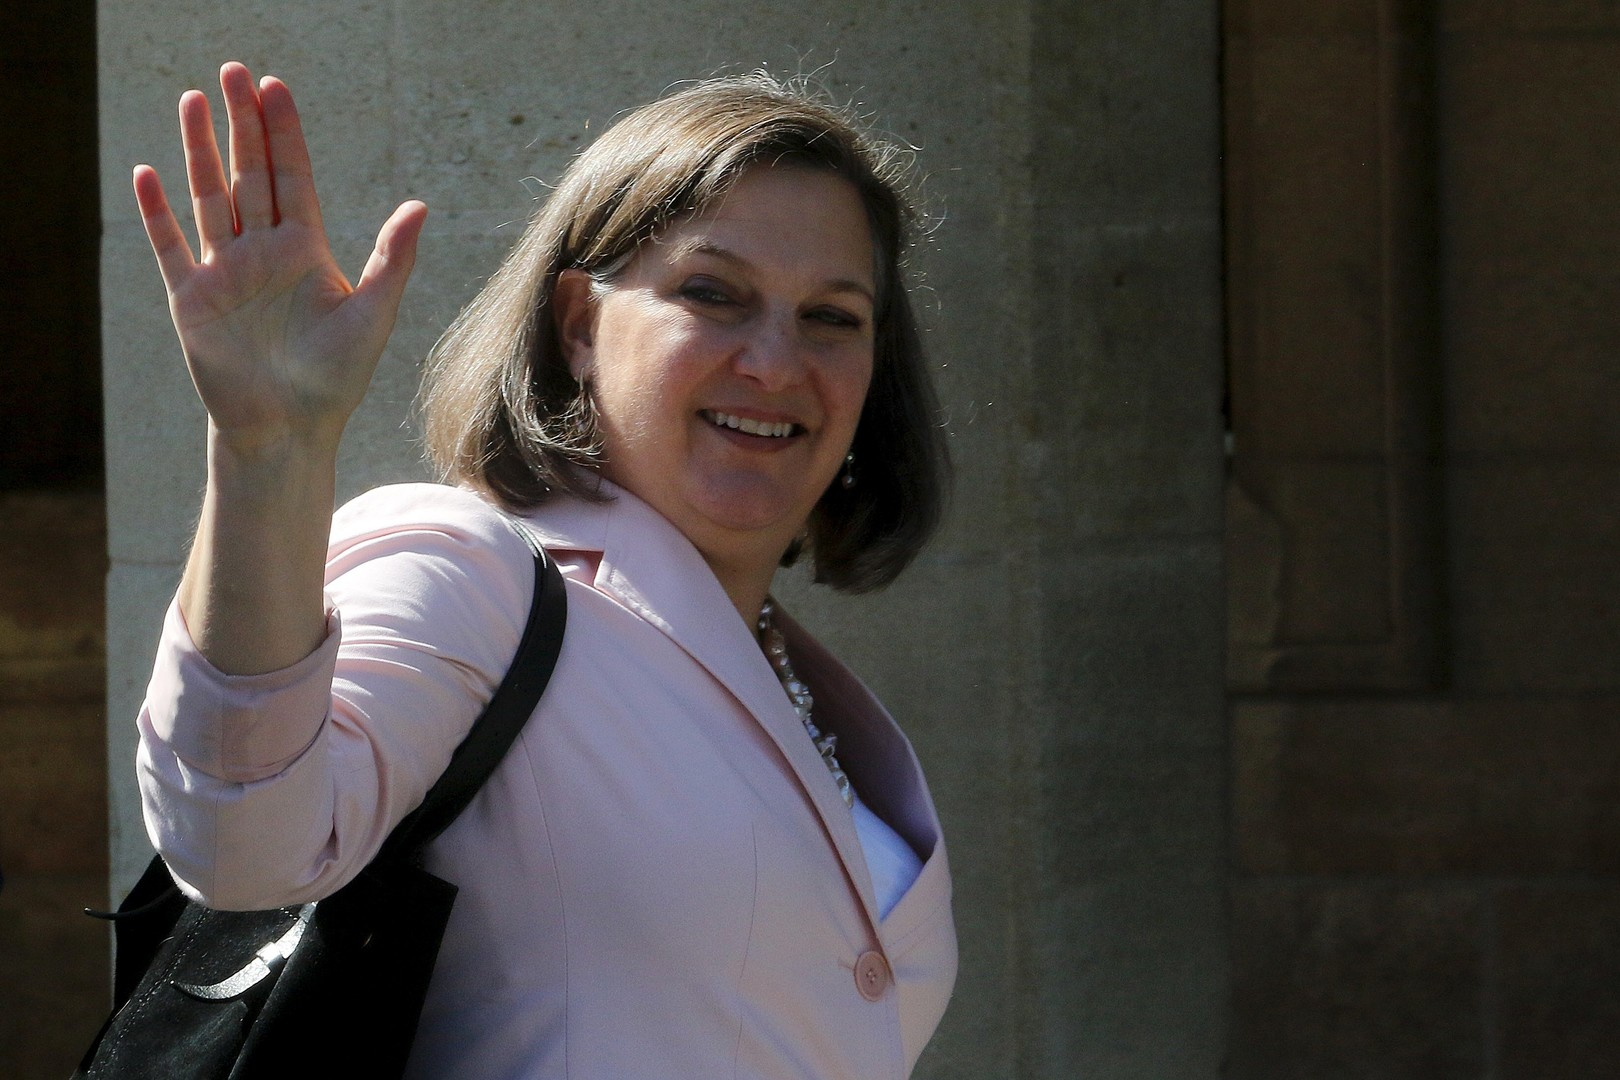 Заодно и пообедала: Виктория Нуланд совершила блиц-визит в Москву